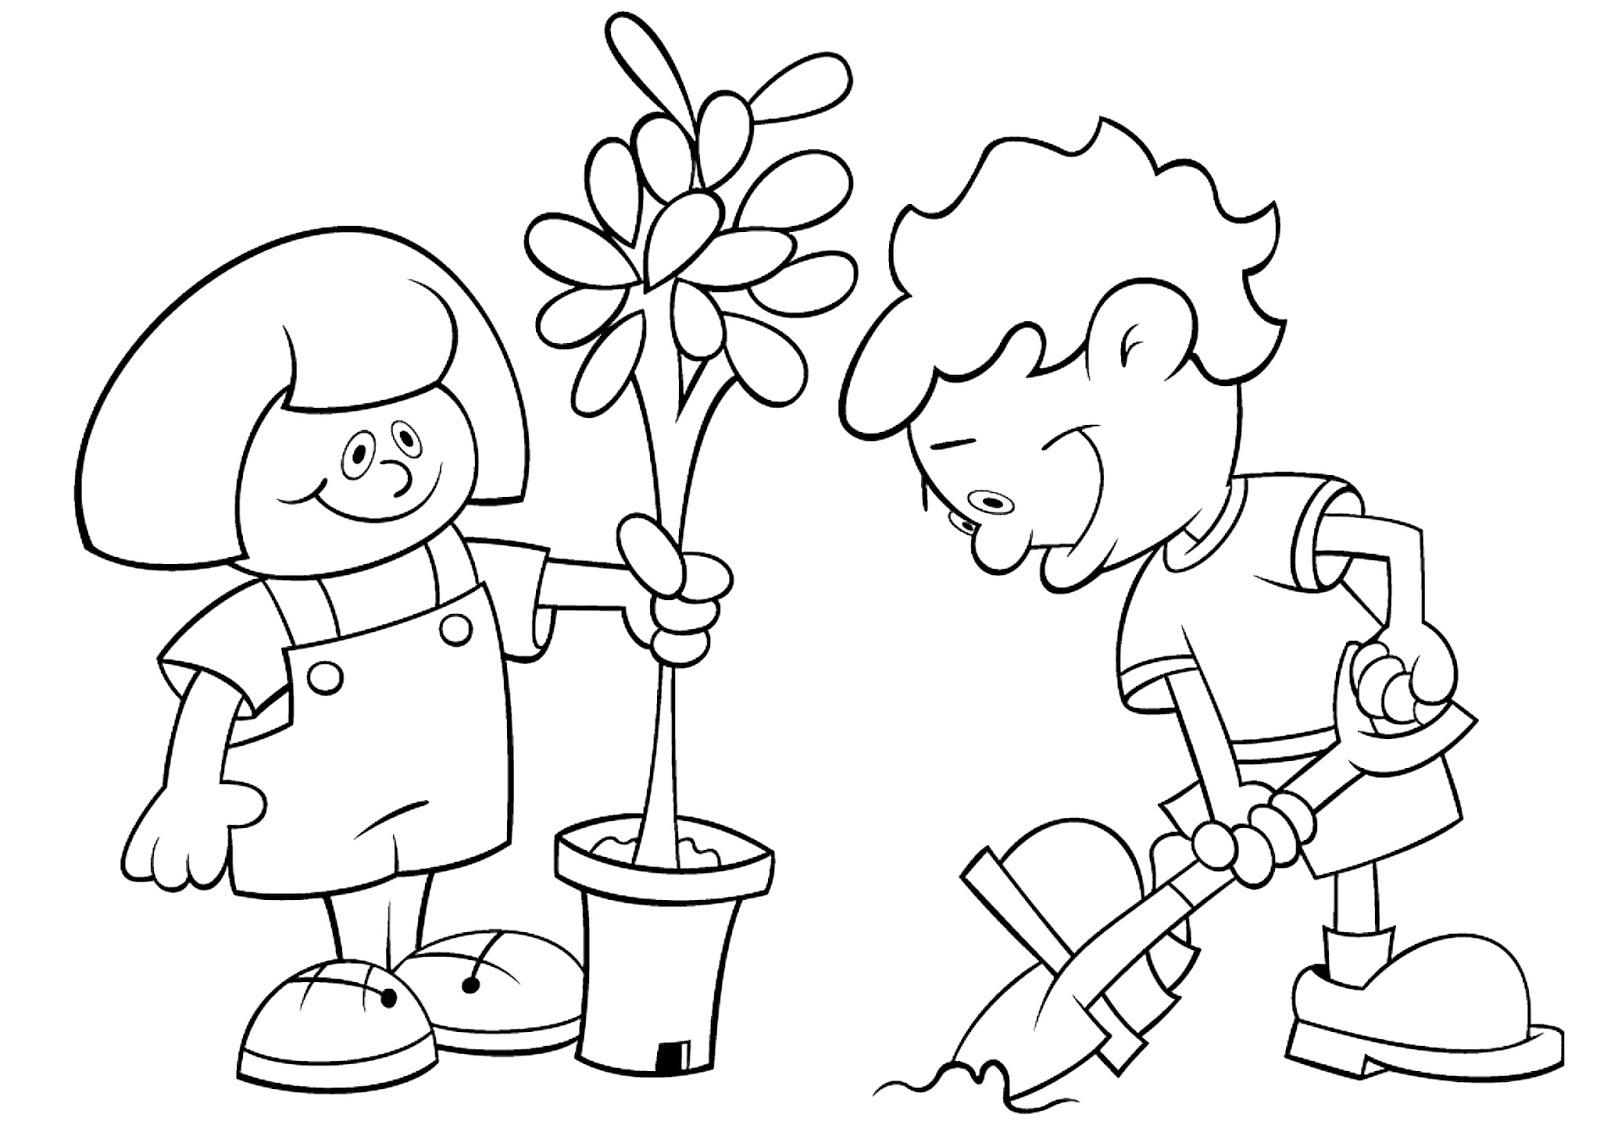 Imagens Desenhos Para Crianças Colorir